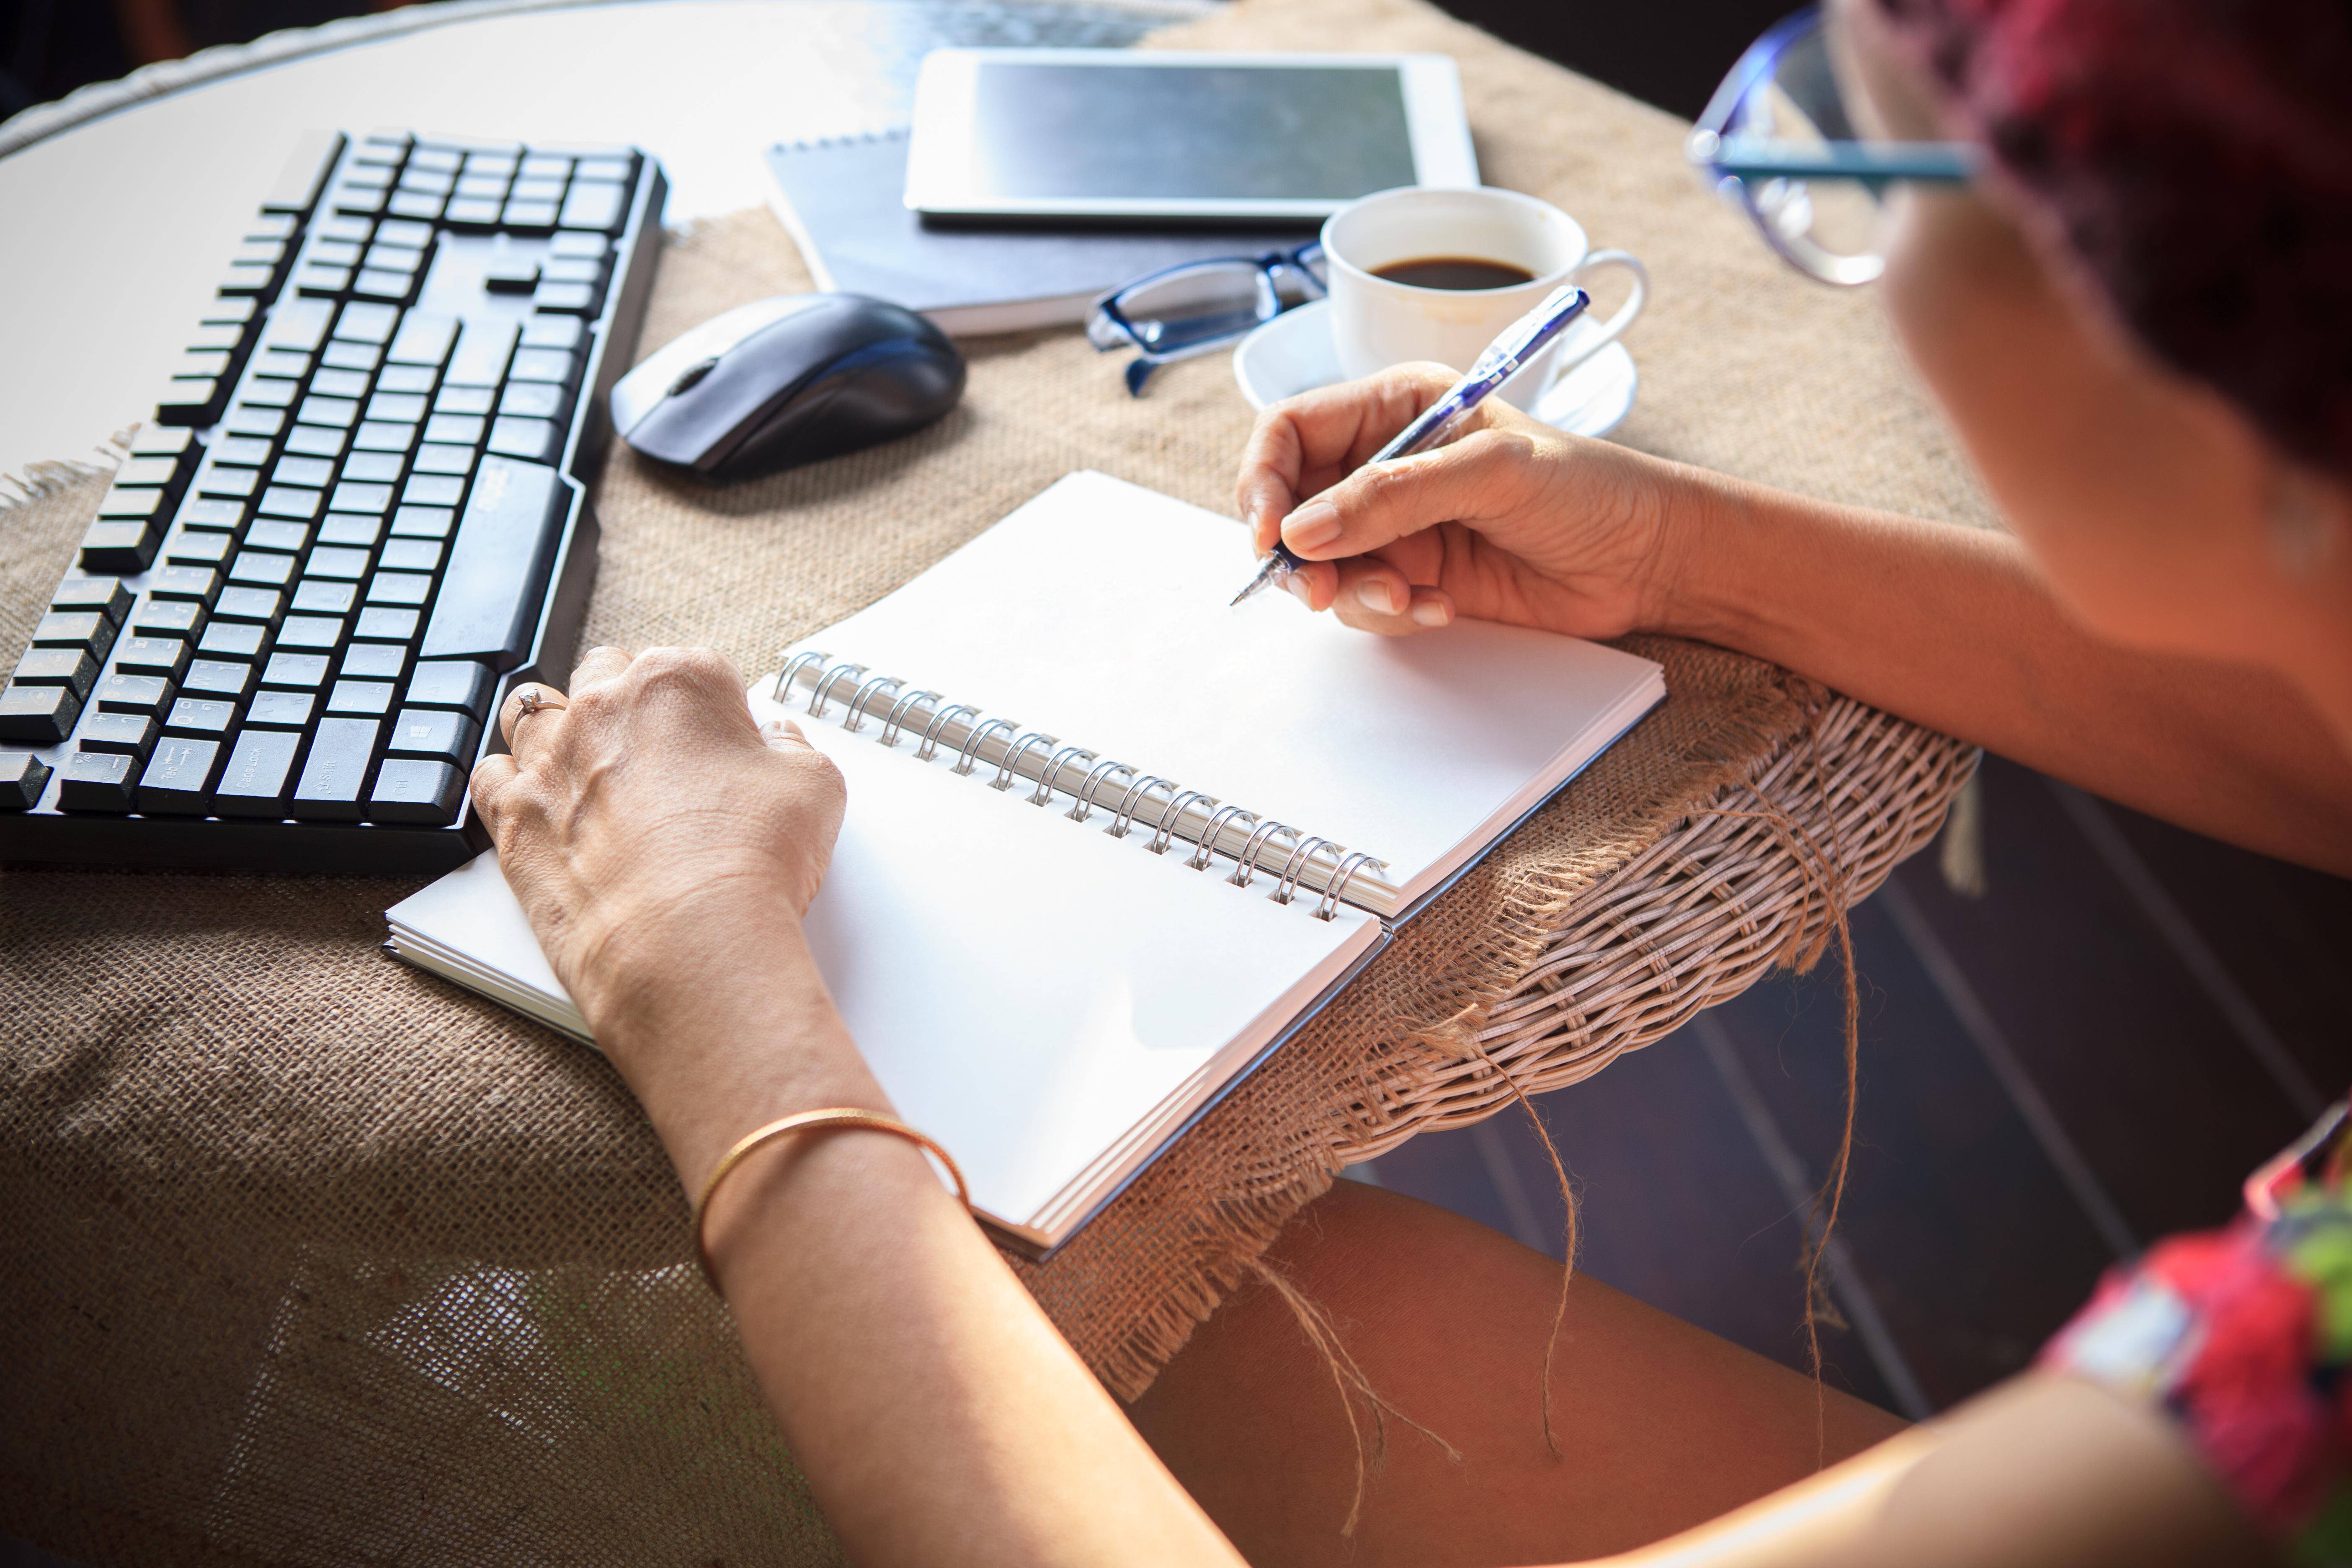 あなたはやりたいことリストを作る前にすべきこととは?